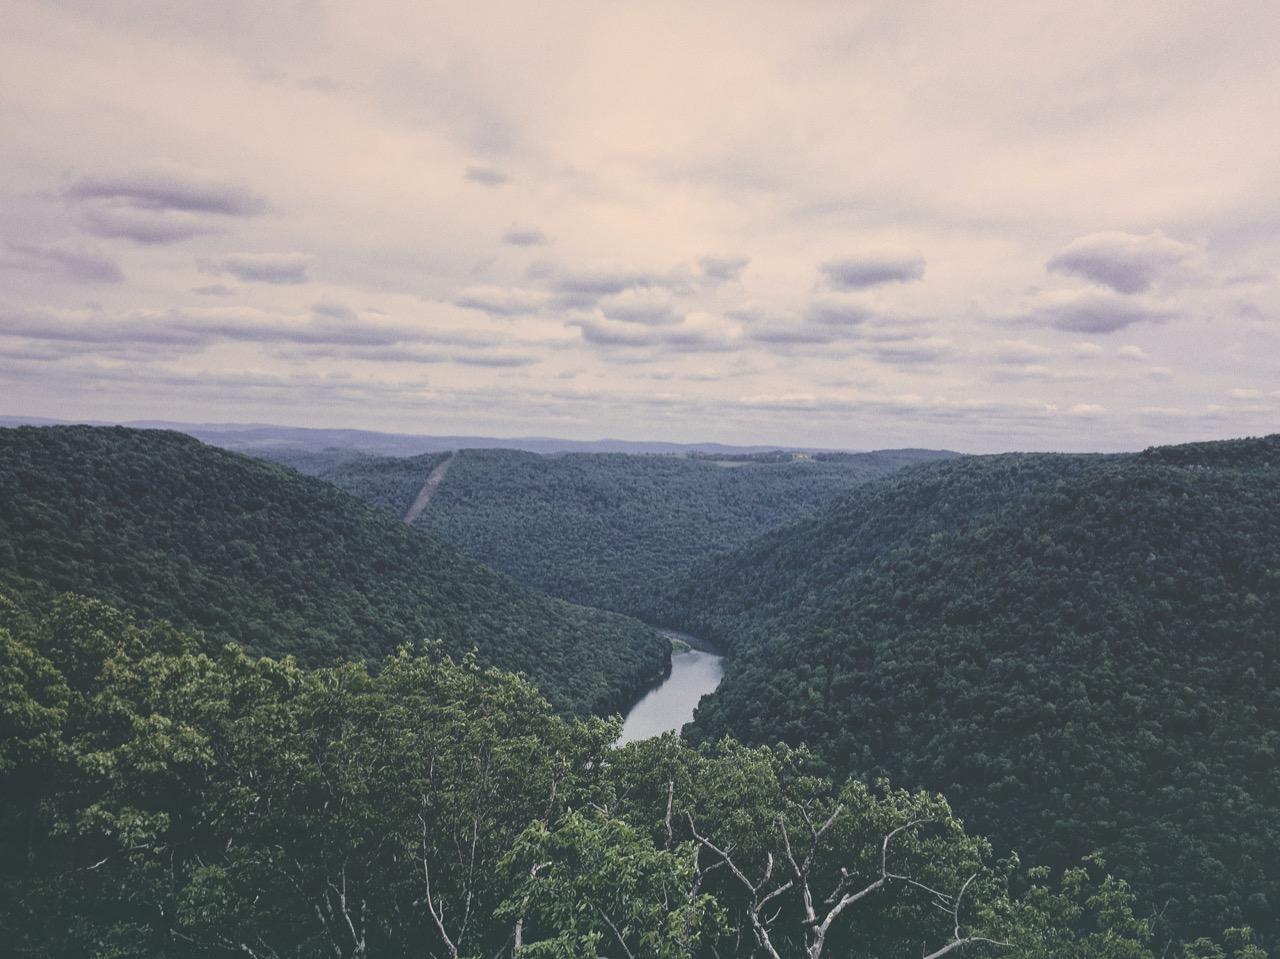 Mountain tops in West Virginia